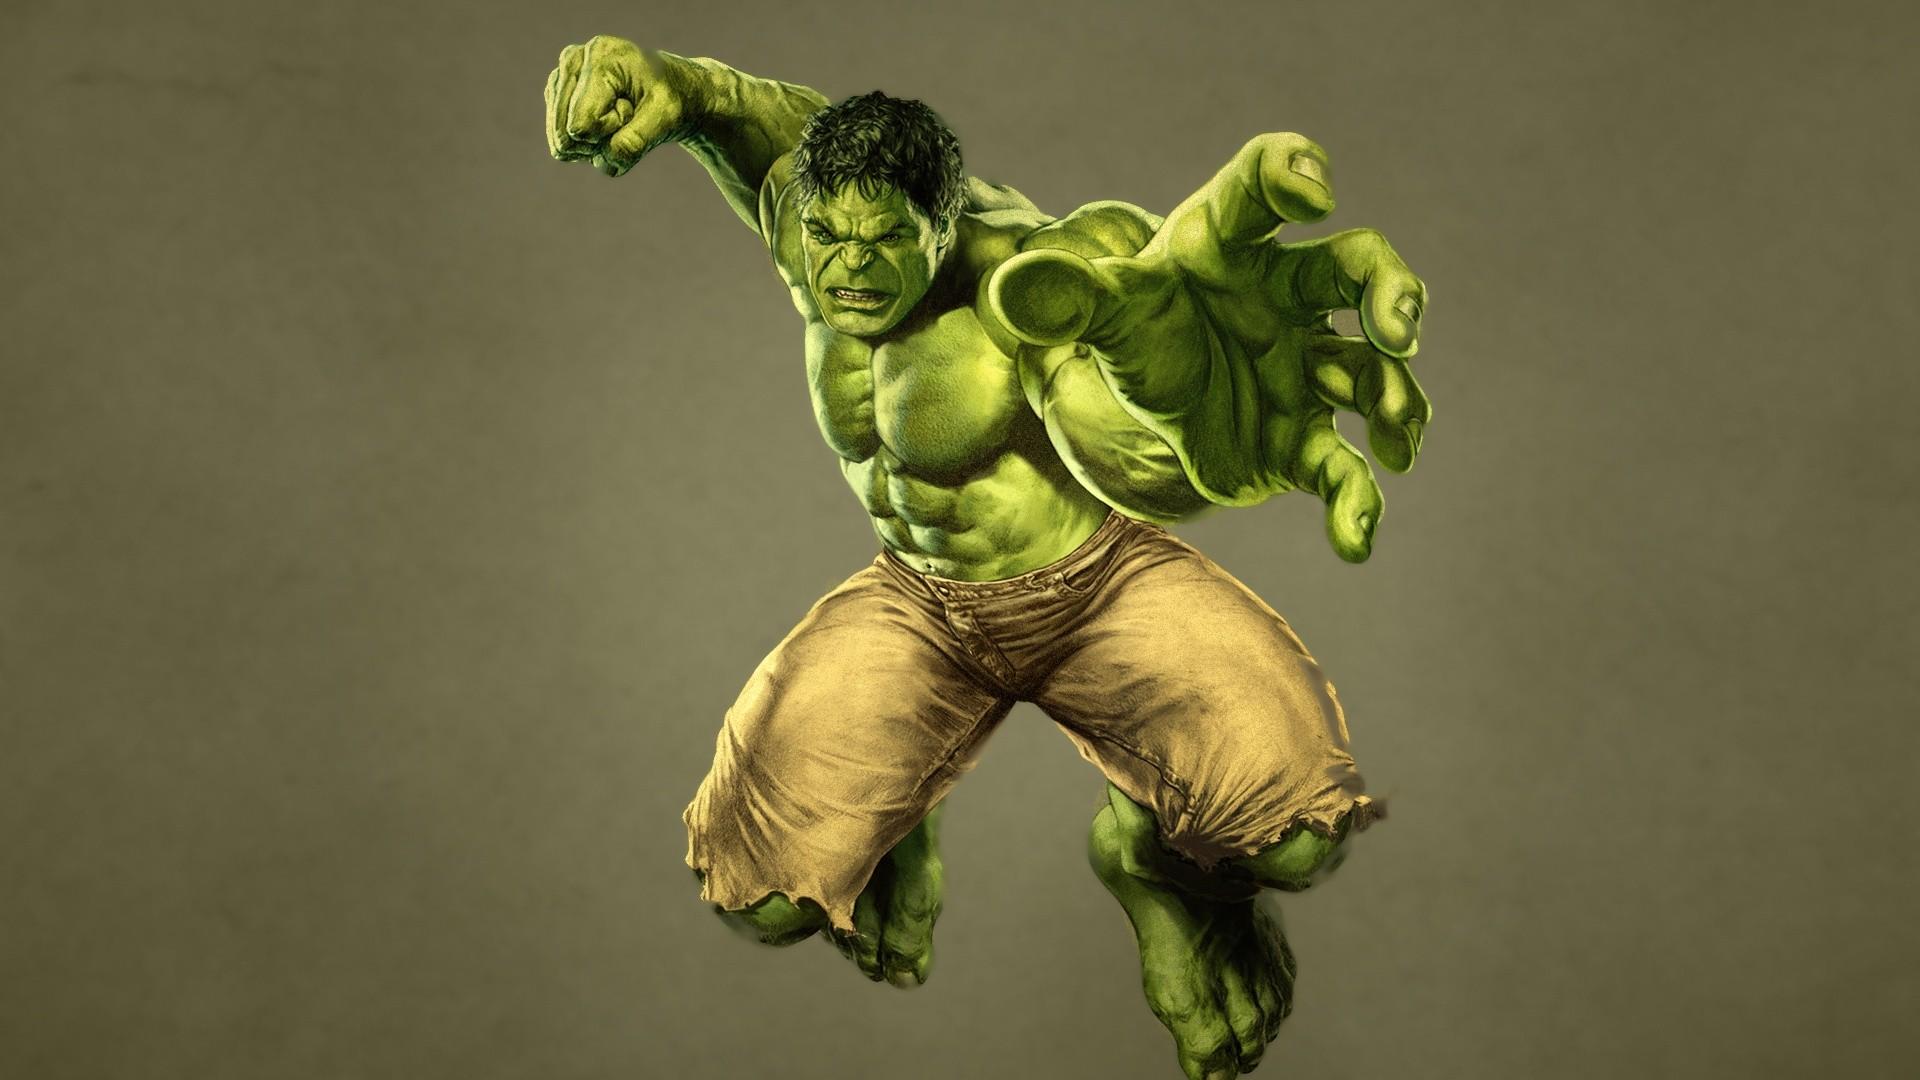 Res: 1920x1080, Hulk Wallpaper 5D